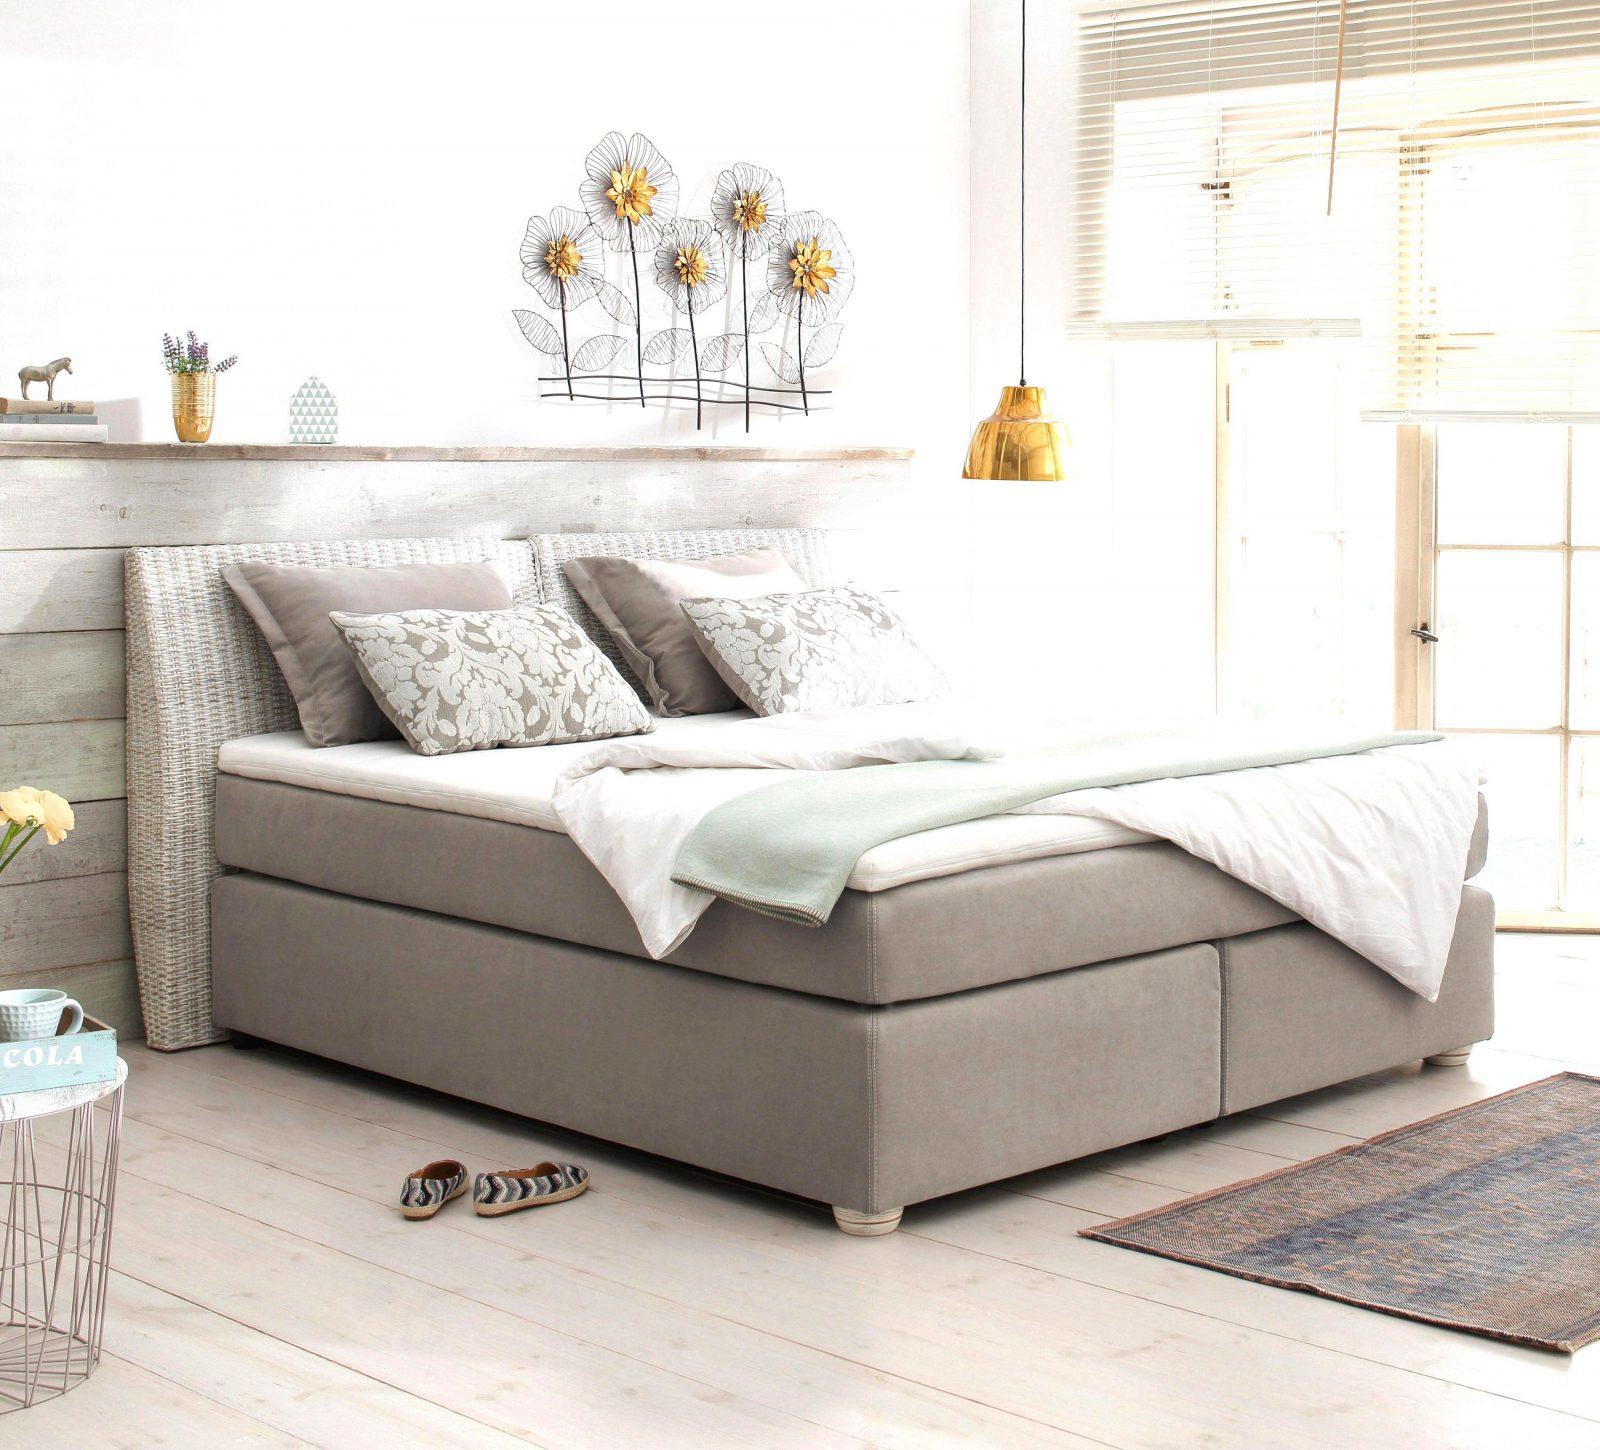 sch ne schreibtisch f r kleine zimmer herrliche ideen schlafzimmer von wohnideen f r kleine. Black Bedroom Furniture Sets. Home Design Ideas